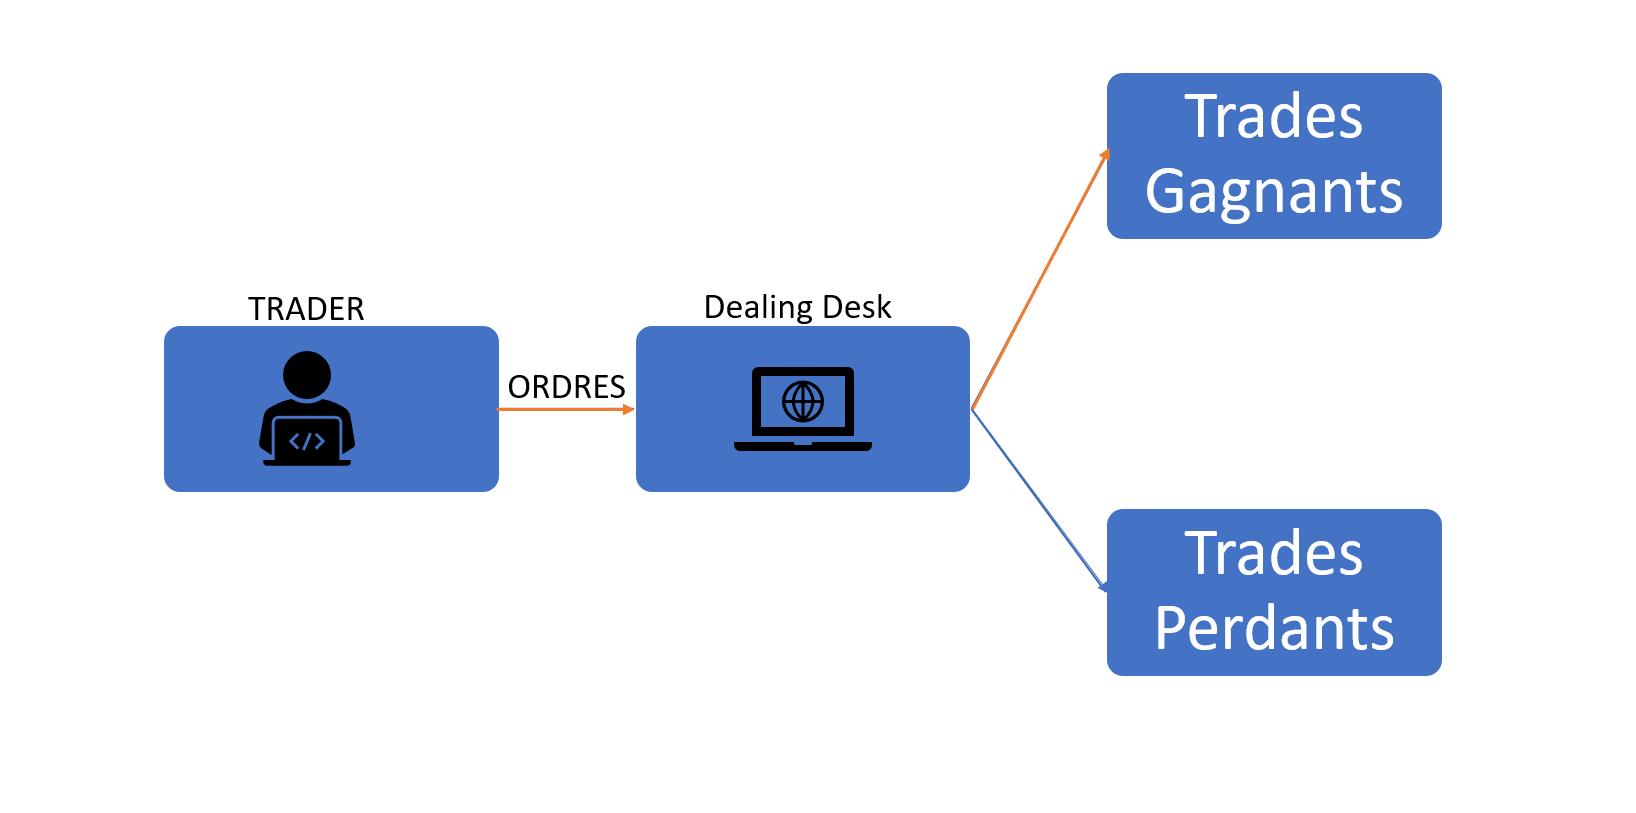 Broker Dealing Desk